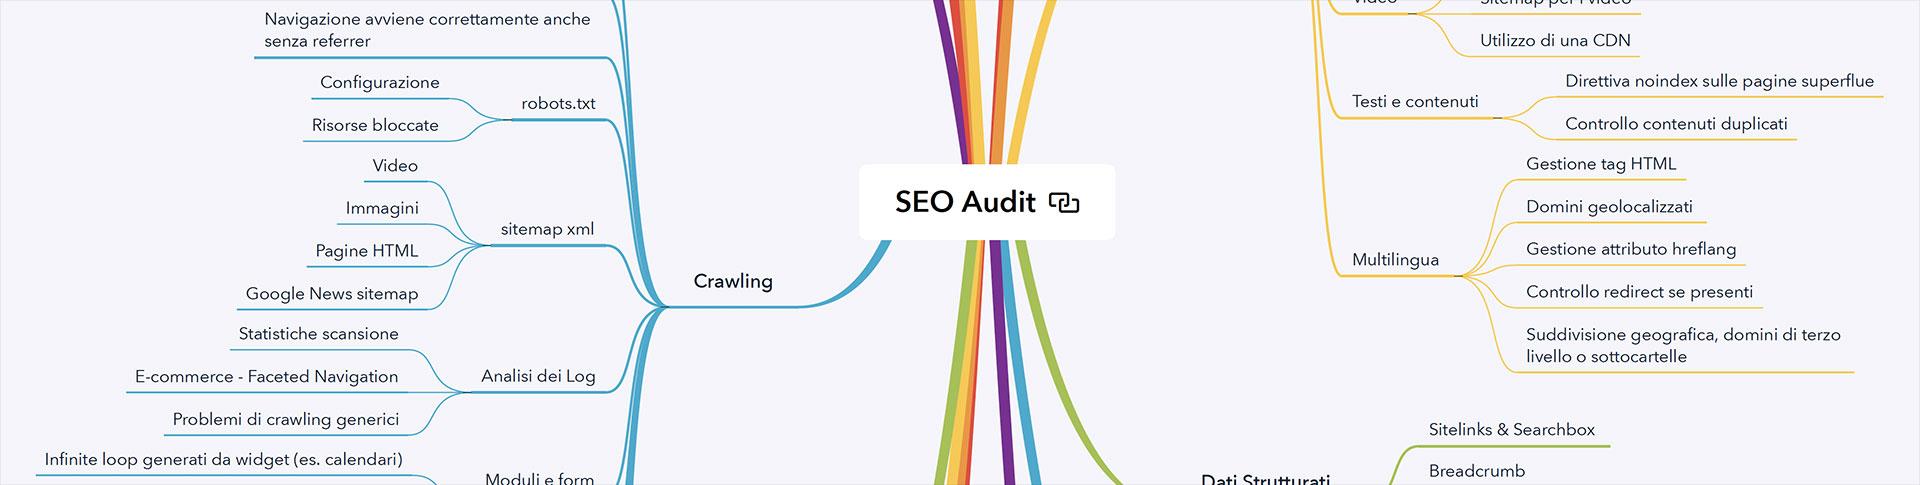 Anteprima della mappa mentale SEO Audit